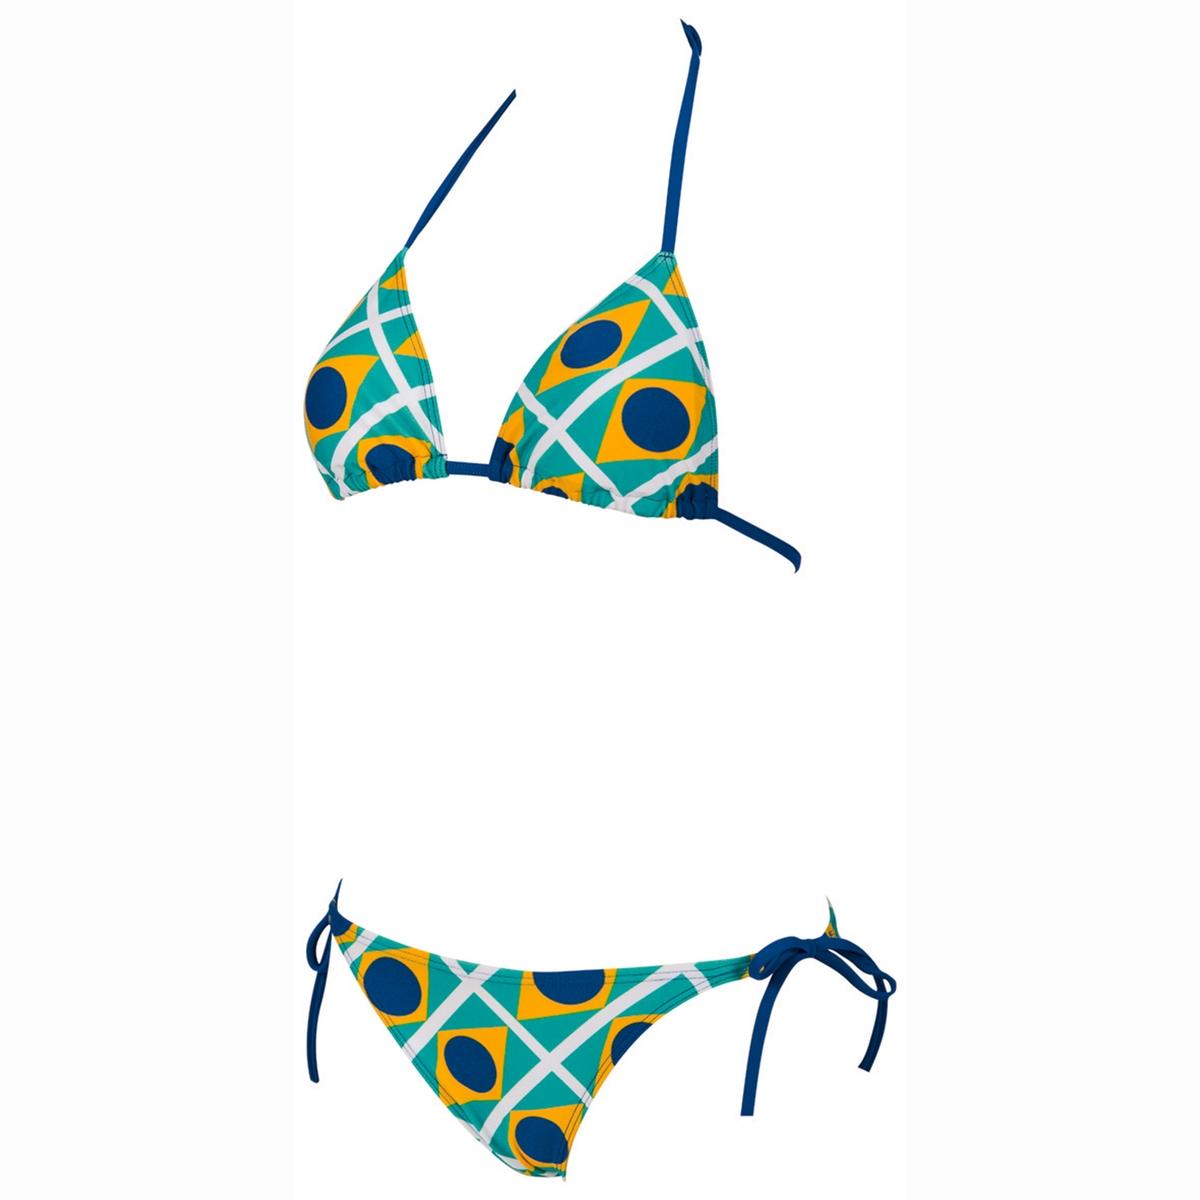 Купальник раздельныйРаздельный купальник с рисунком бразильский флаг - верх съёмных чашечек на завязках на шее - низ на завязках сбоку WATERFEEL X LIFE: ультра стрейч для максимального комфорта. С эффектом запоминания формы - RIO TRIANGLE 80% Полиамида  20% Эластана<br><br>Цвет: желтый/зеленый/синий